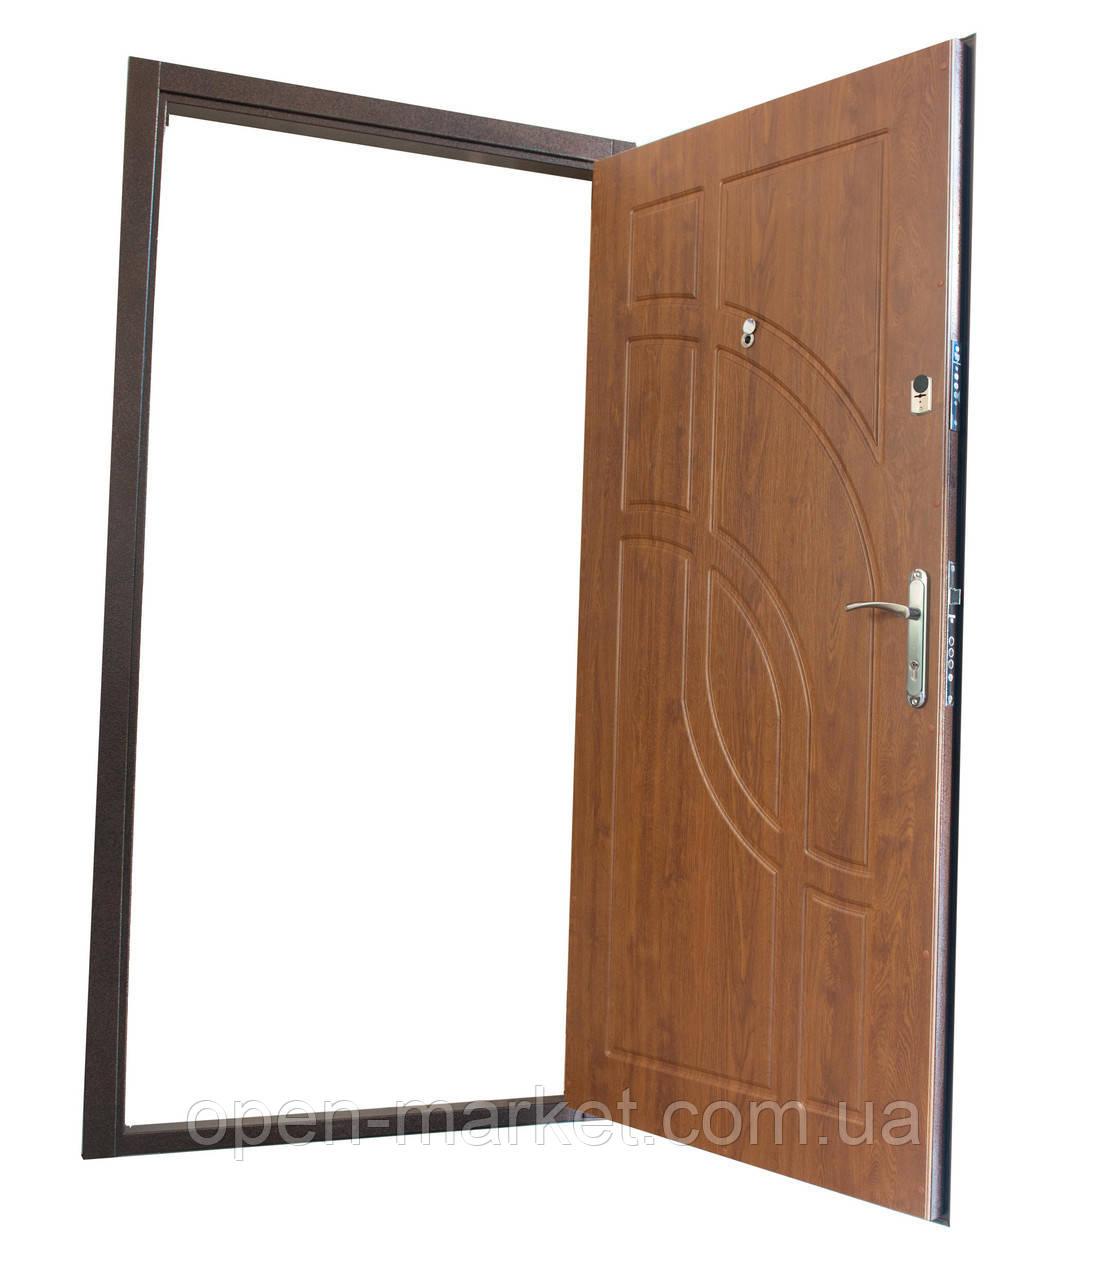 Двери уличные Петровка Николаевская область